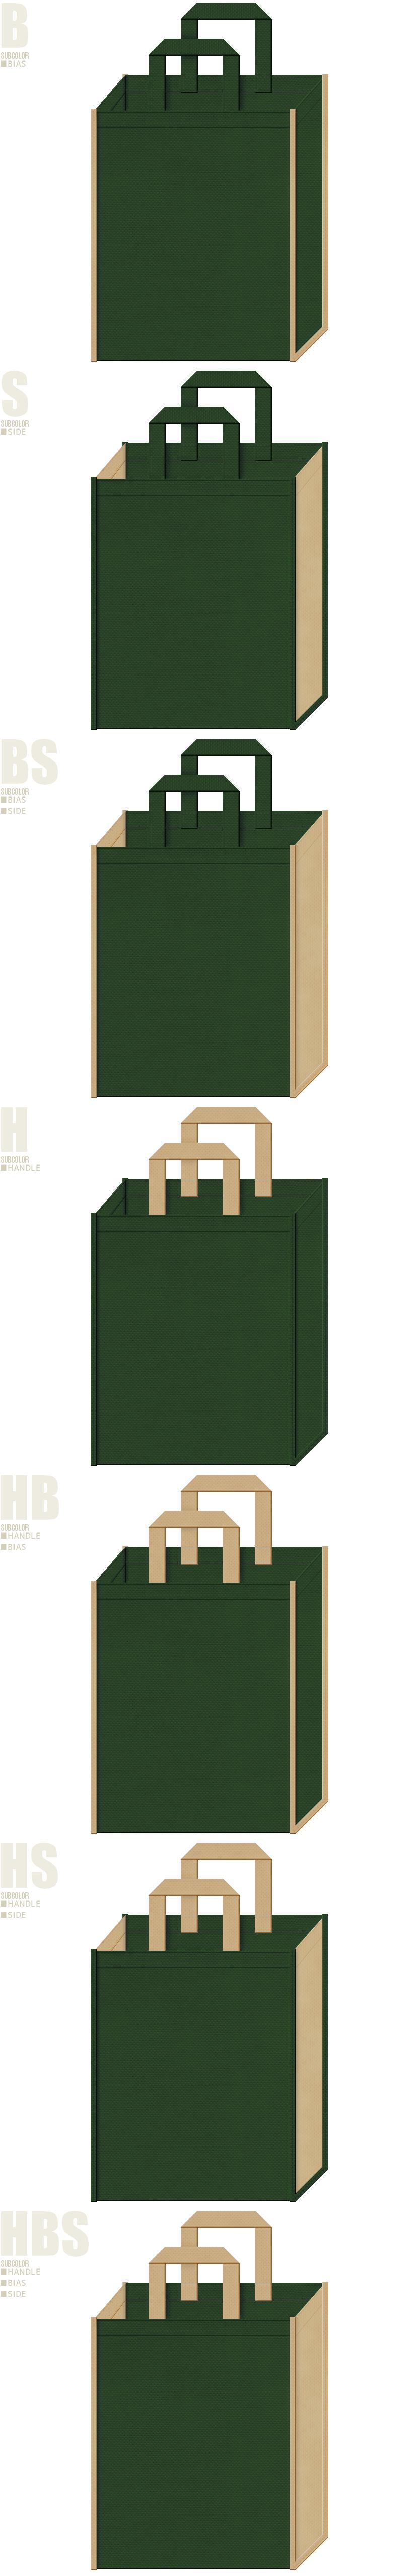 サファリ・テント・タープ・アウトドア・キャンプ用品の展示会用バッグにお奨めの不織布バッグデザイン:濃緑色とカーキ色の不織布バッグ配色7パターン。